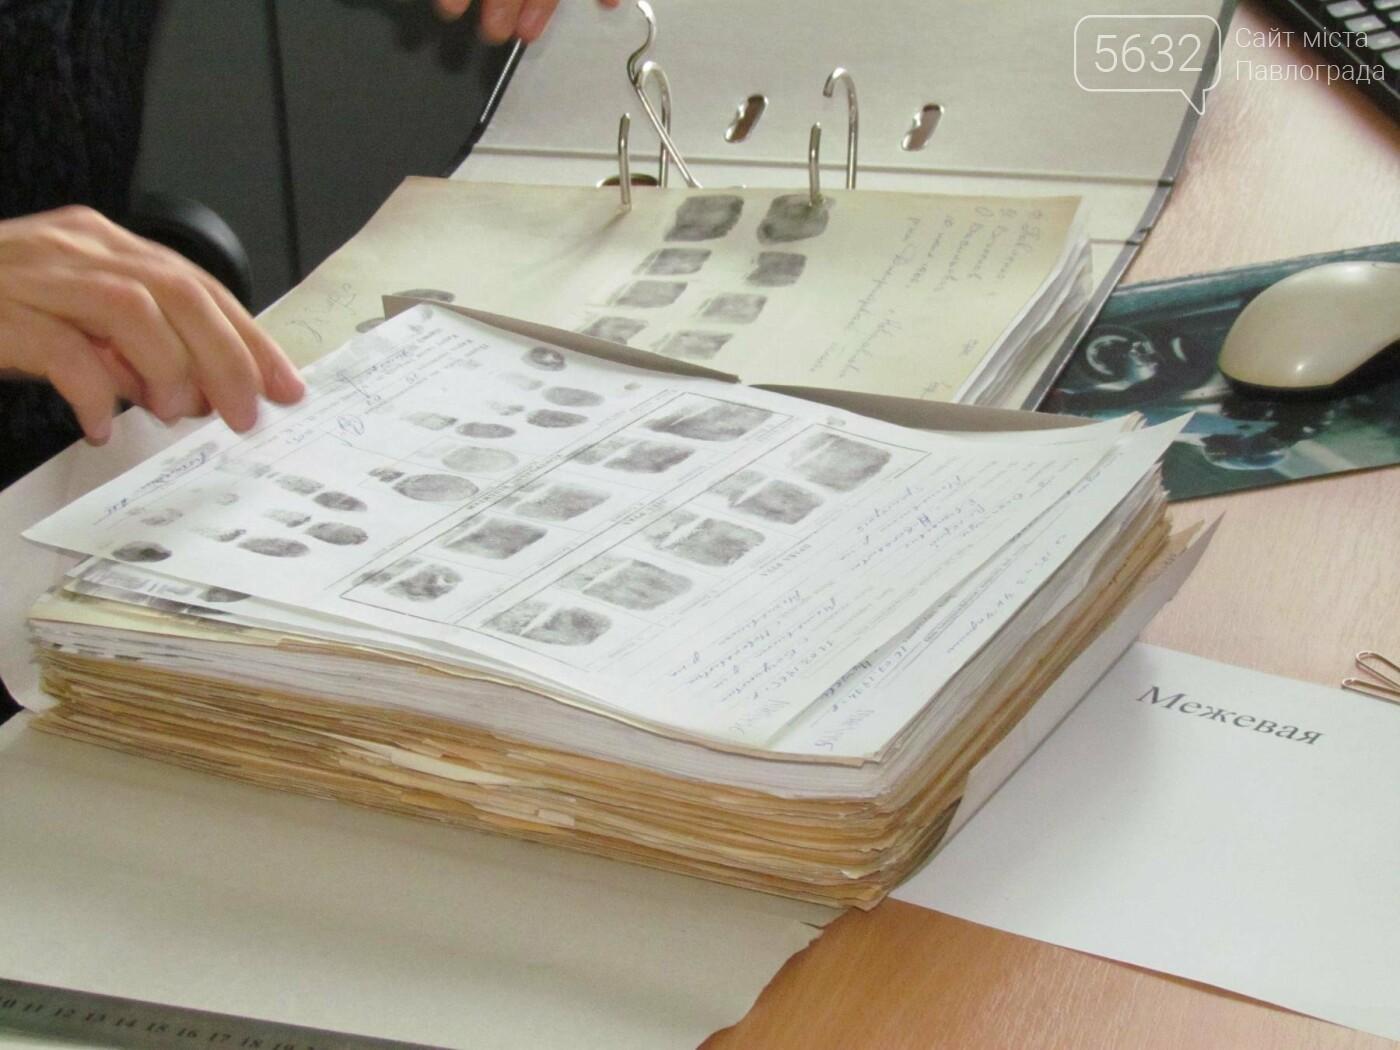 Ежегодно в Павлограде проводится около 1000 судебных экспертиз, фото-7